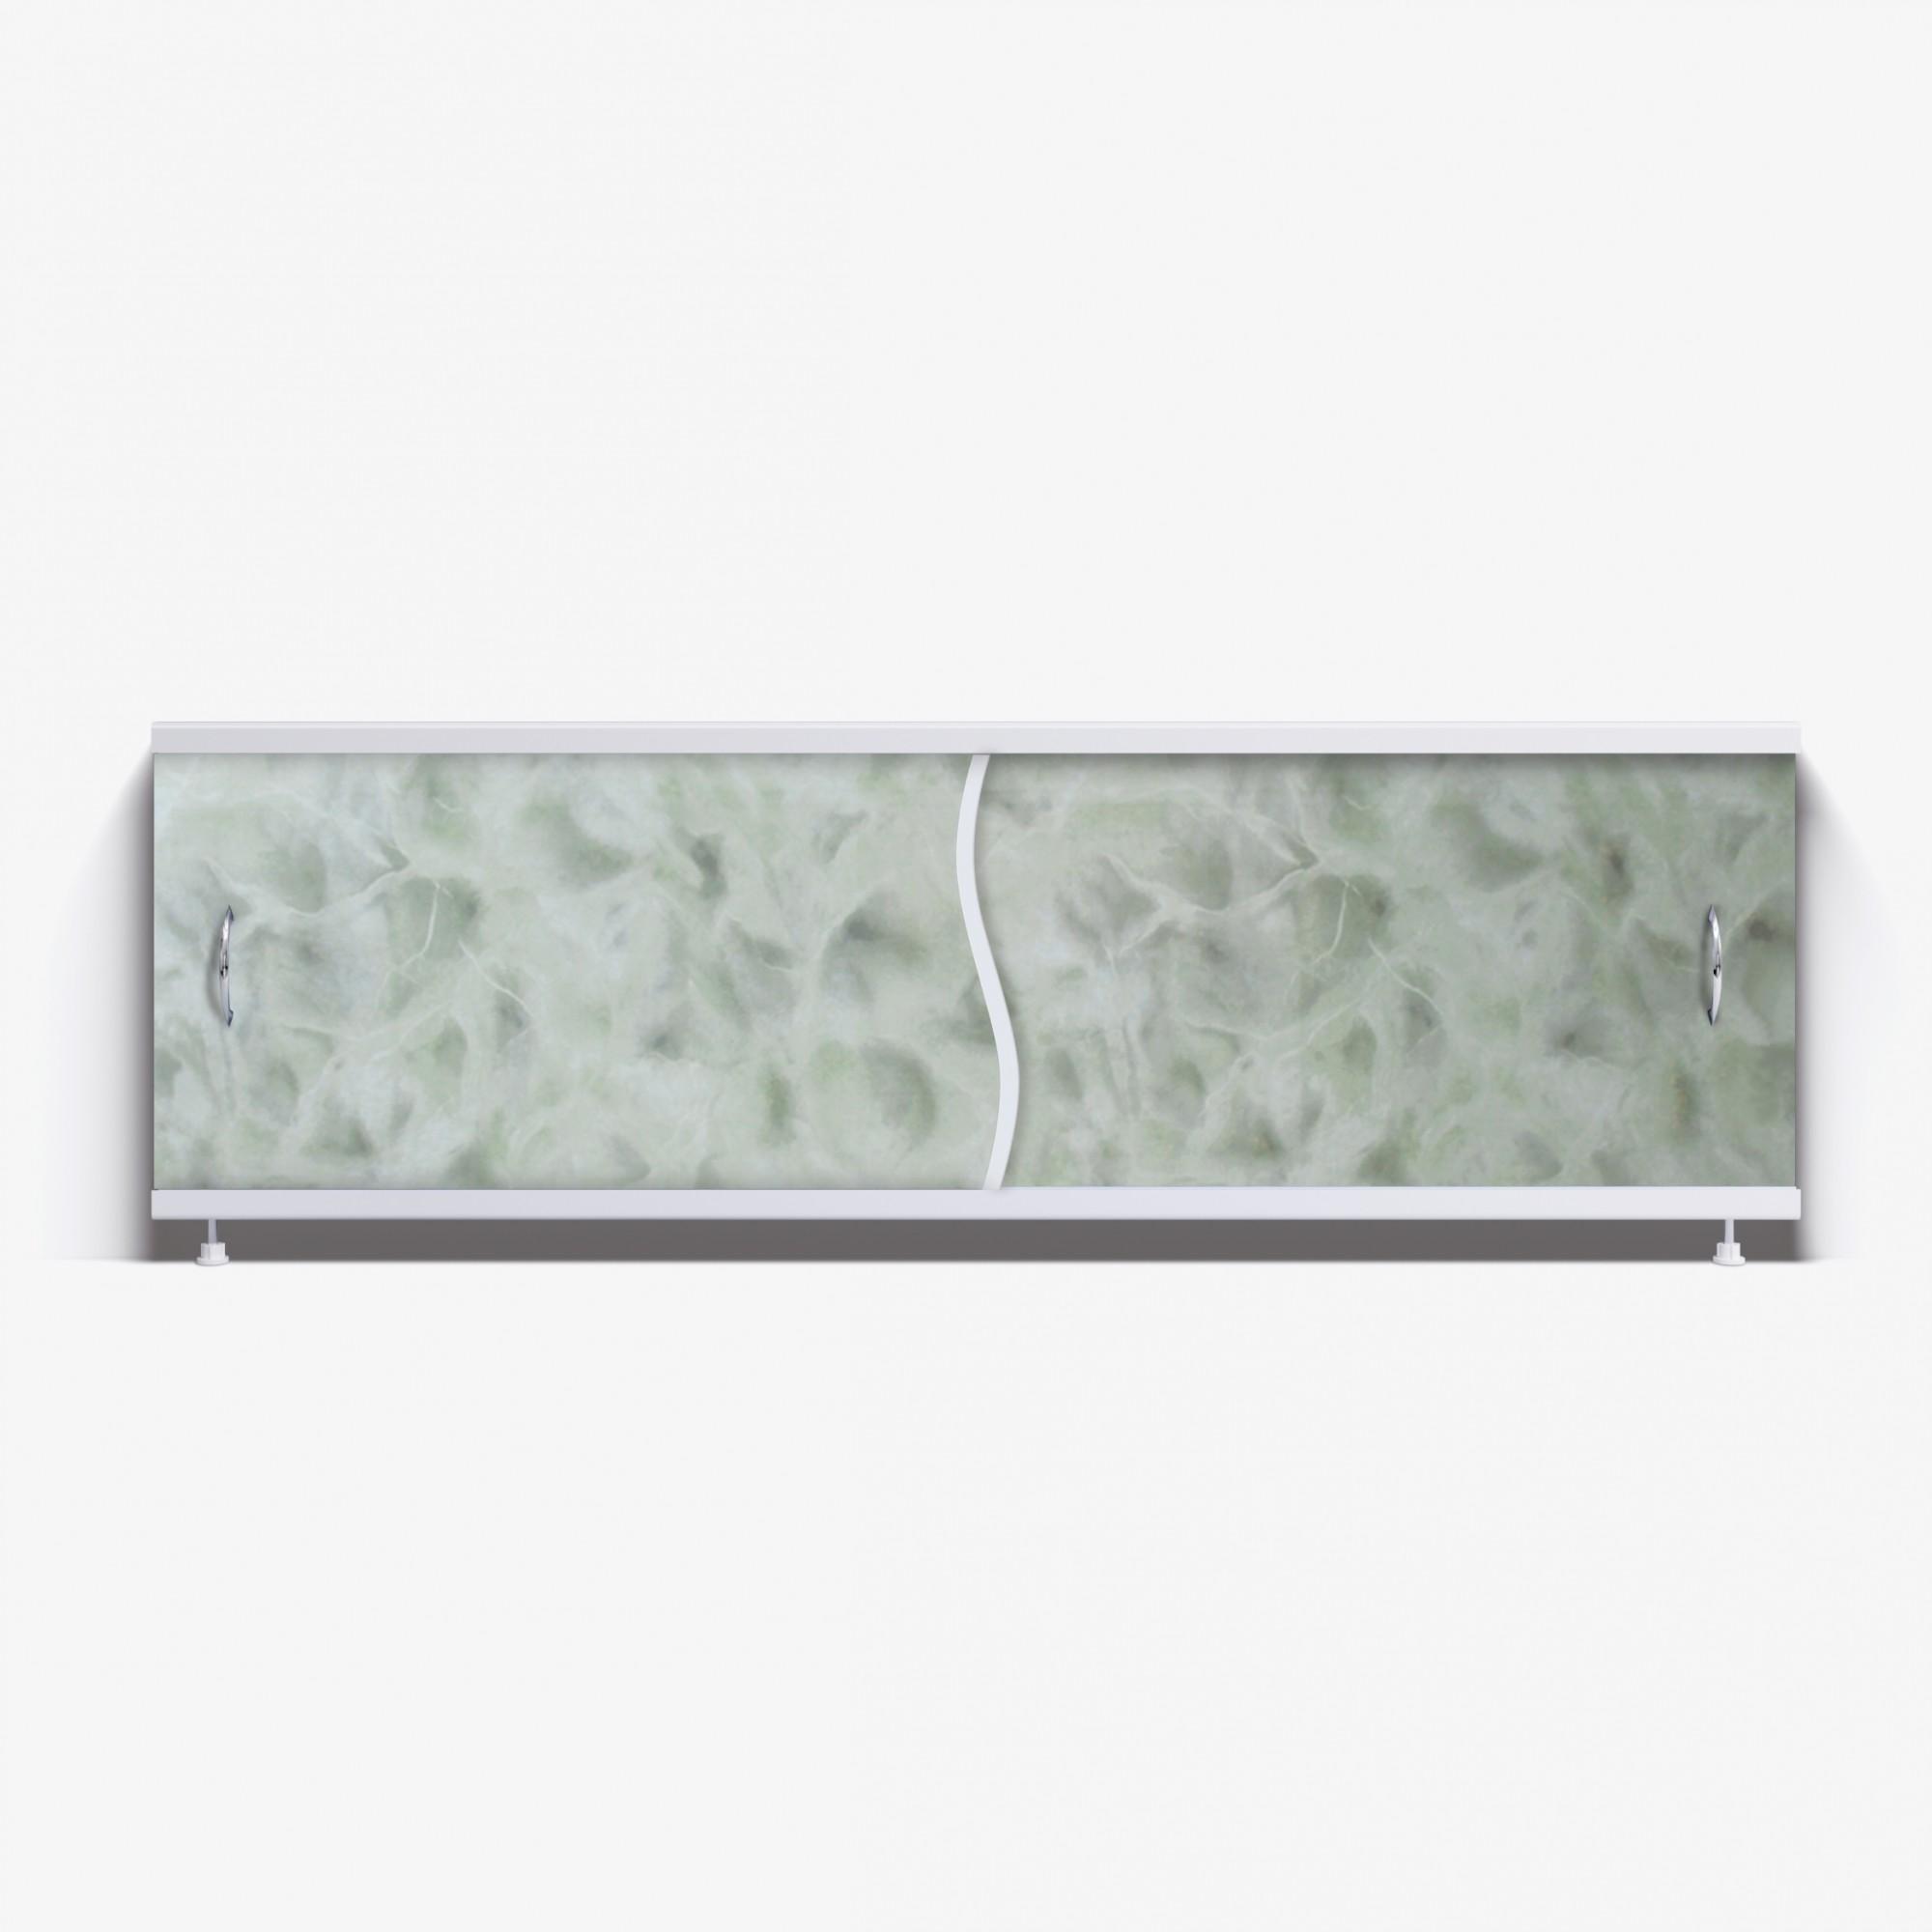 Экран под ванну Премьер 170 светло-зеленый мрамор